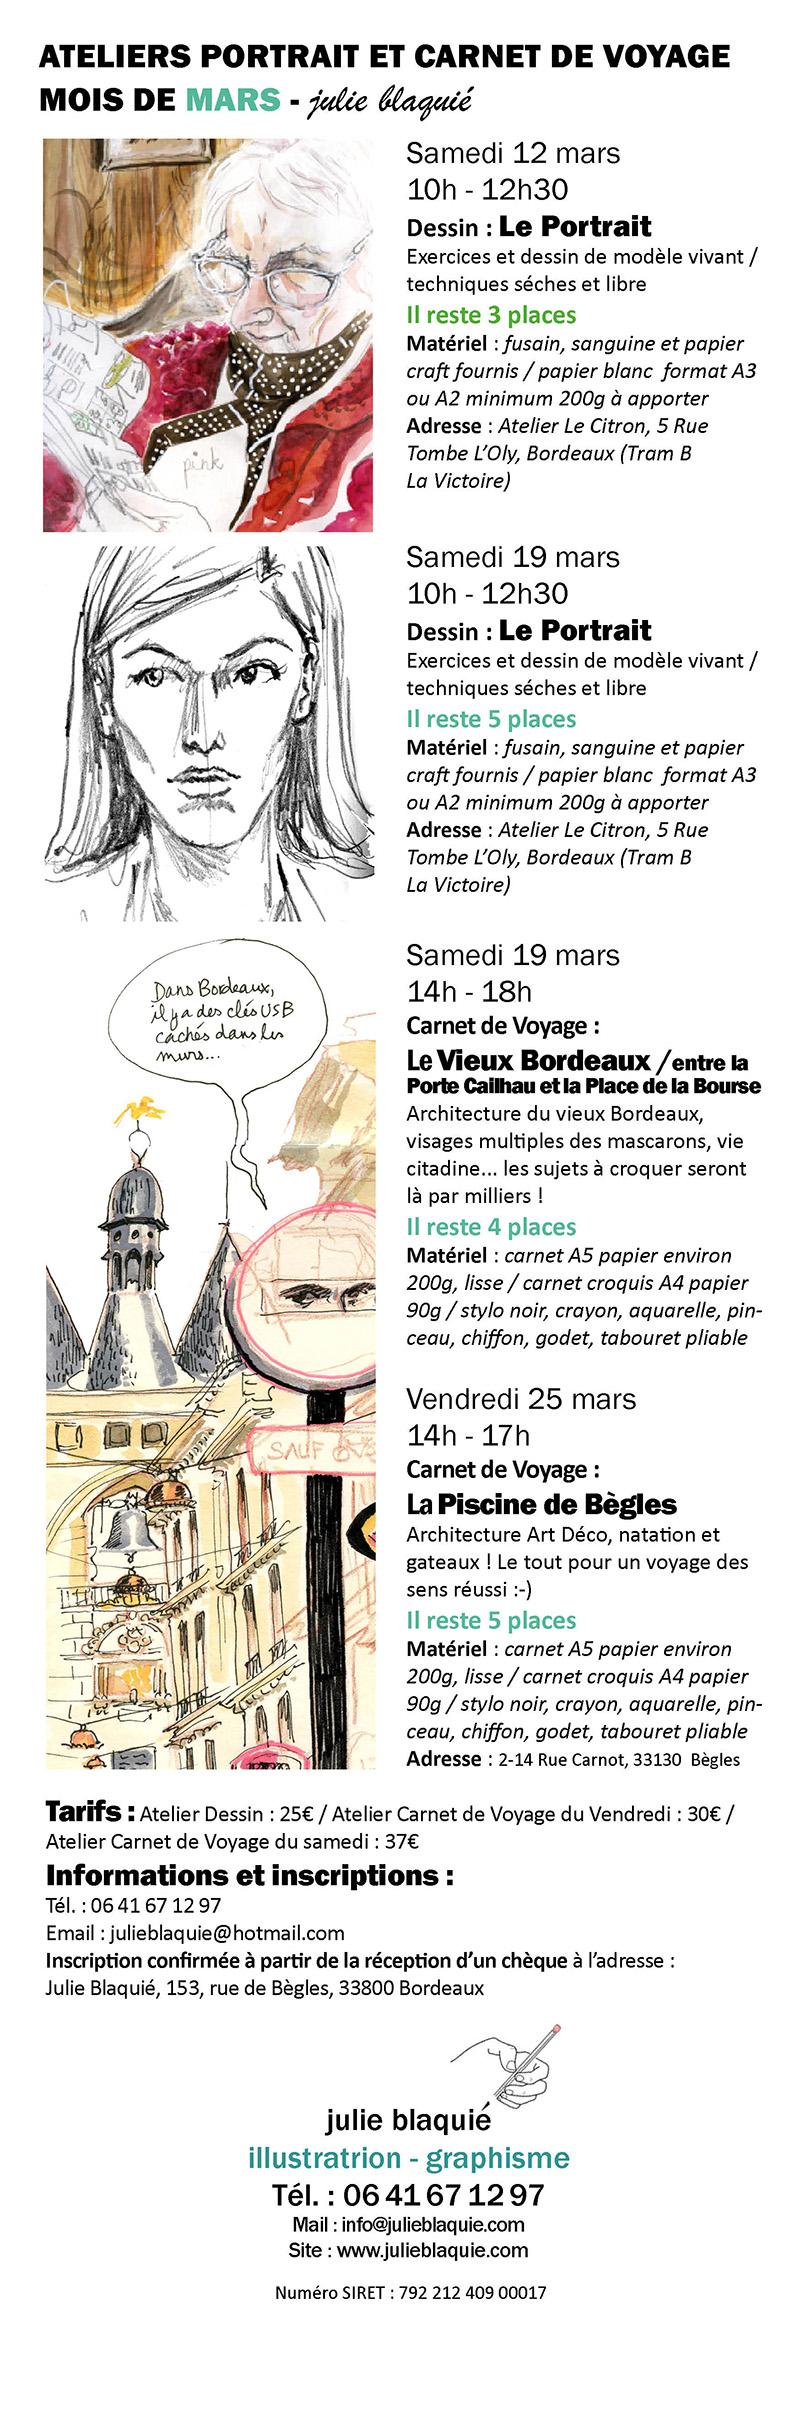 Atelier dessin portrait carnet de voyage Bordeaux